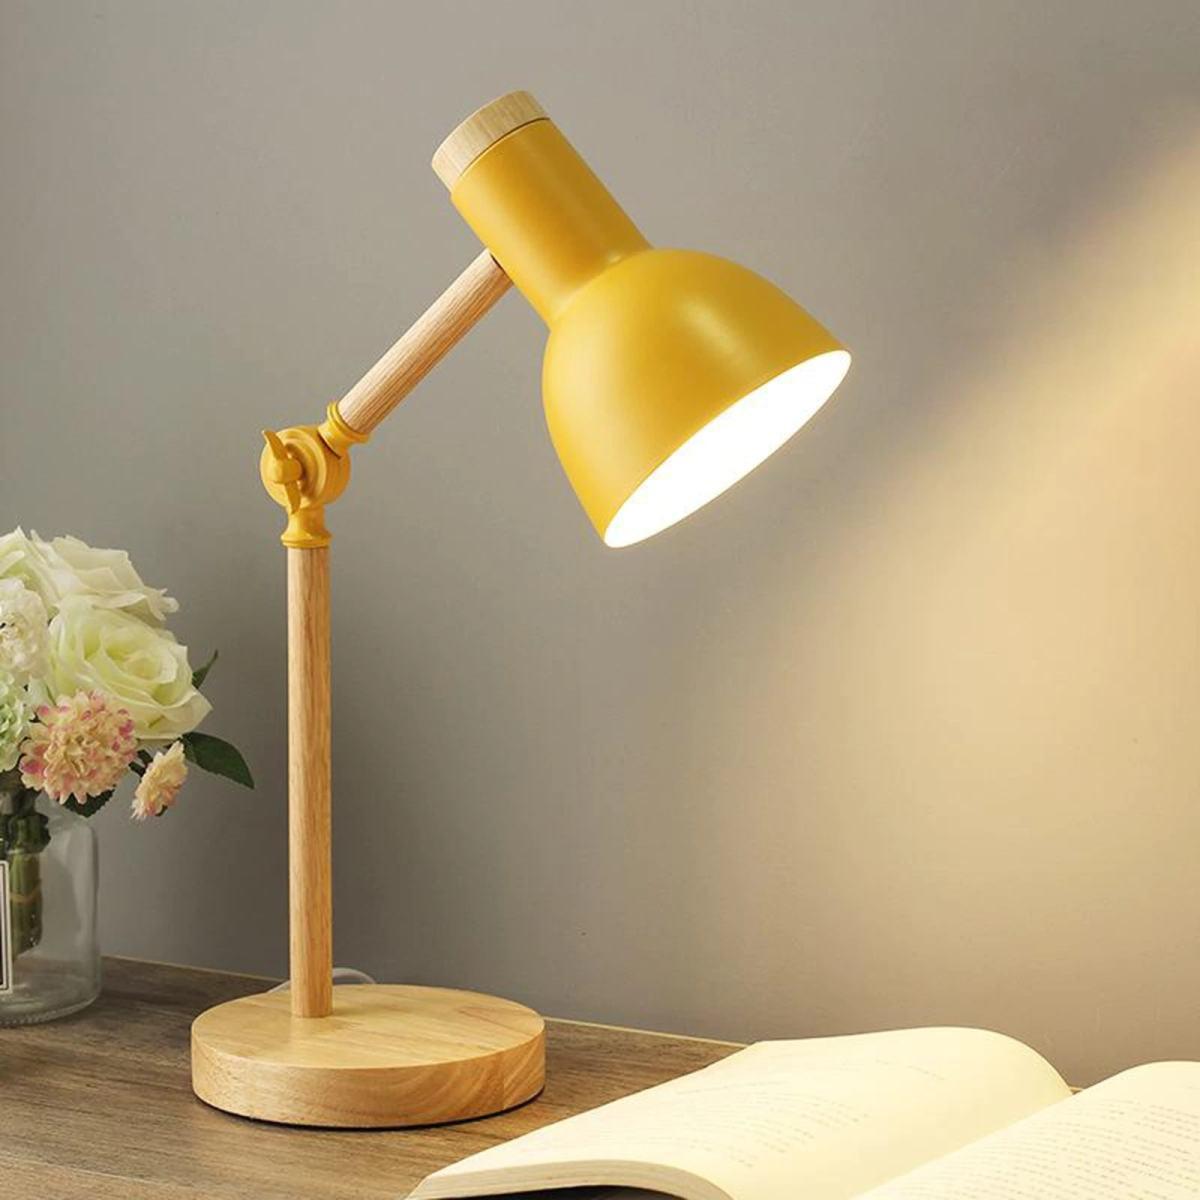 lampe de bureau scandinave ajustable jaune